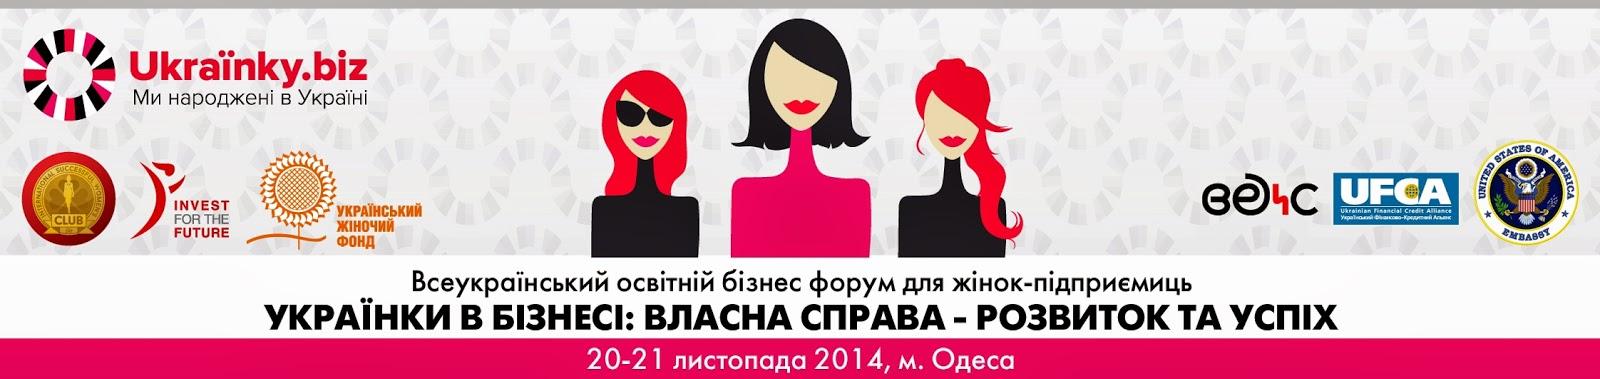 http://uanewstv.blogspot.com/2014/11/20-21_11.html